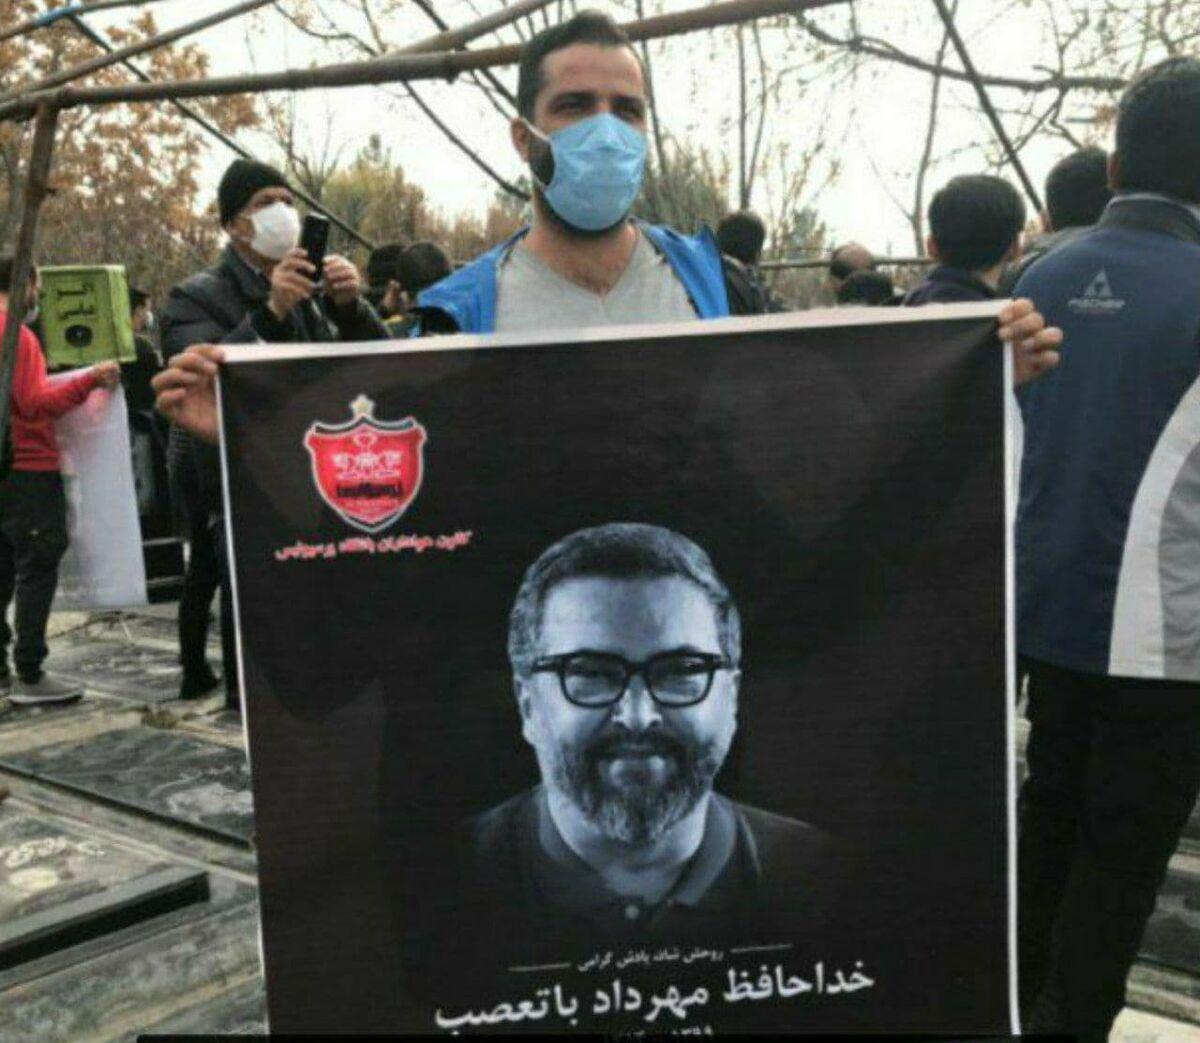 عکس| مدافع استقلال بر مزار مهرداد میناوند